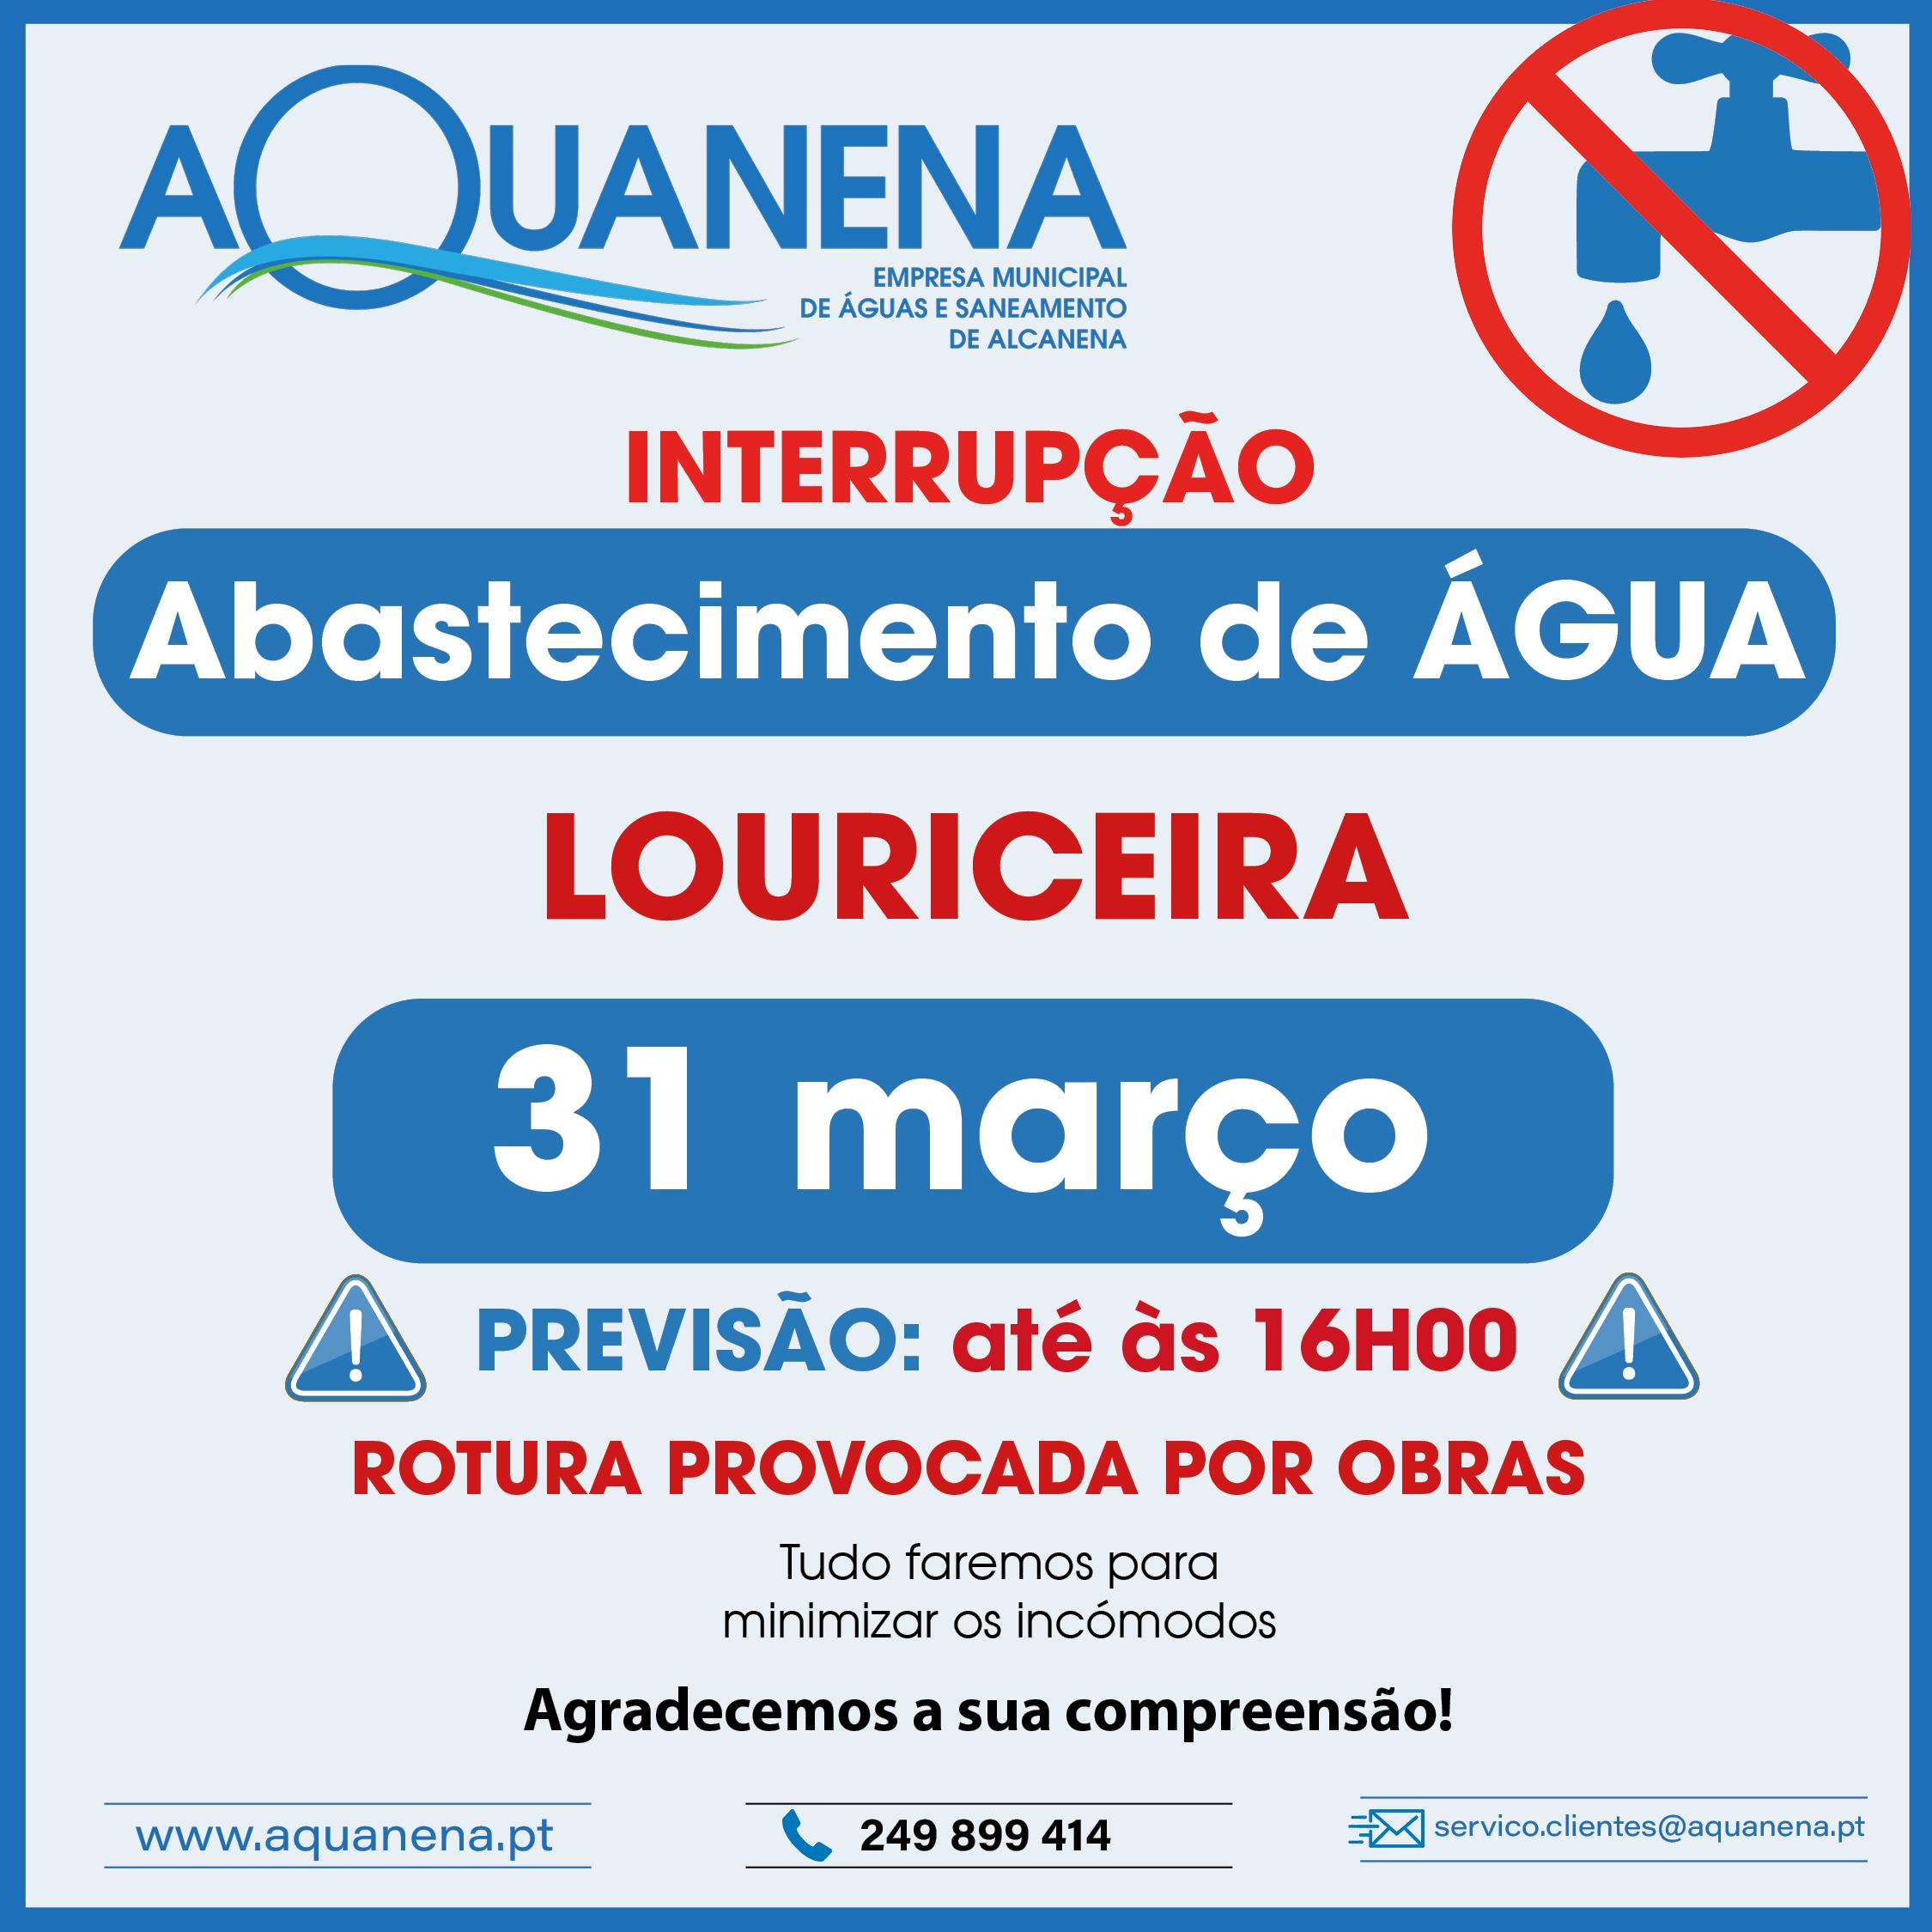 INTERRUPÇÃO de abastecimento de água em LOURICEIRA | 31 MAR